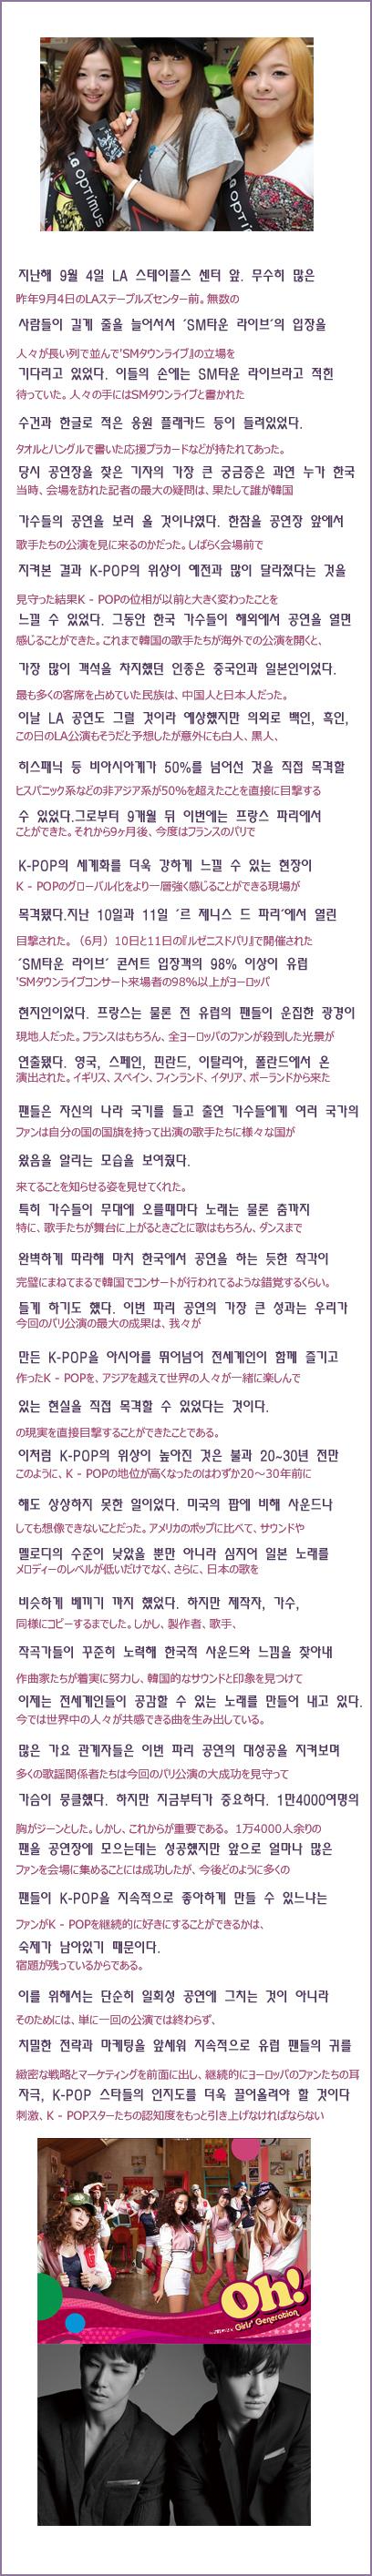 $オンライン韓国語レッスン『スラスラ韓国語』